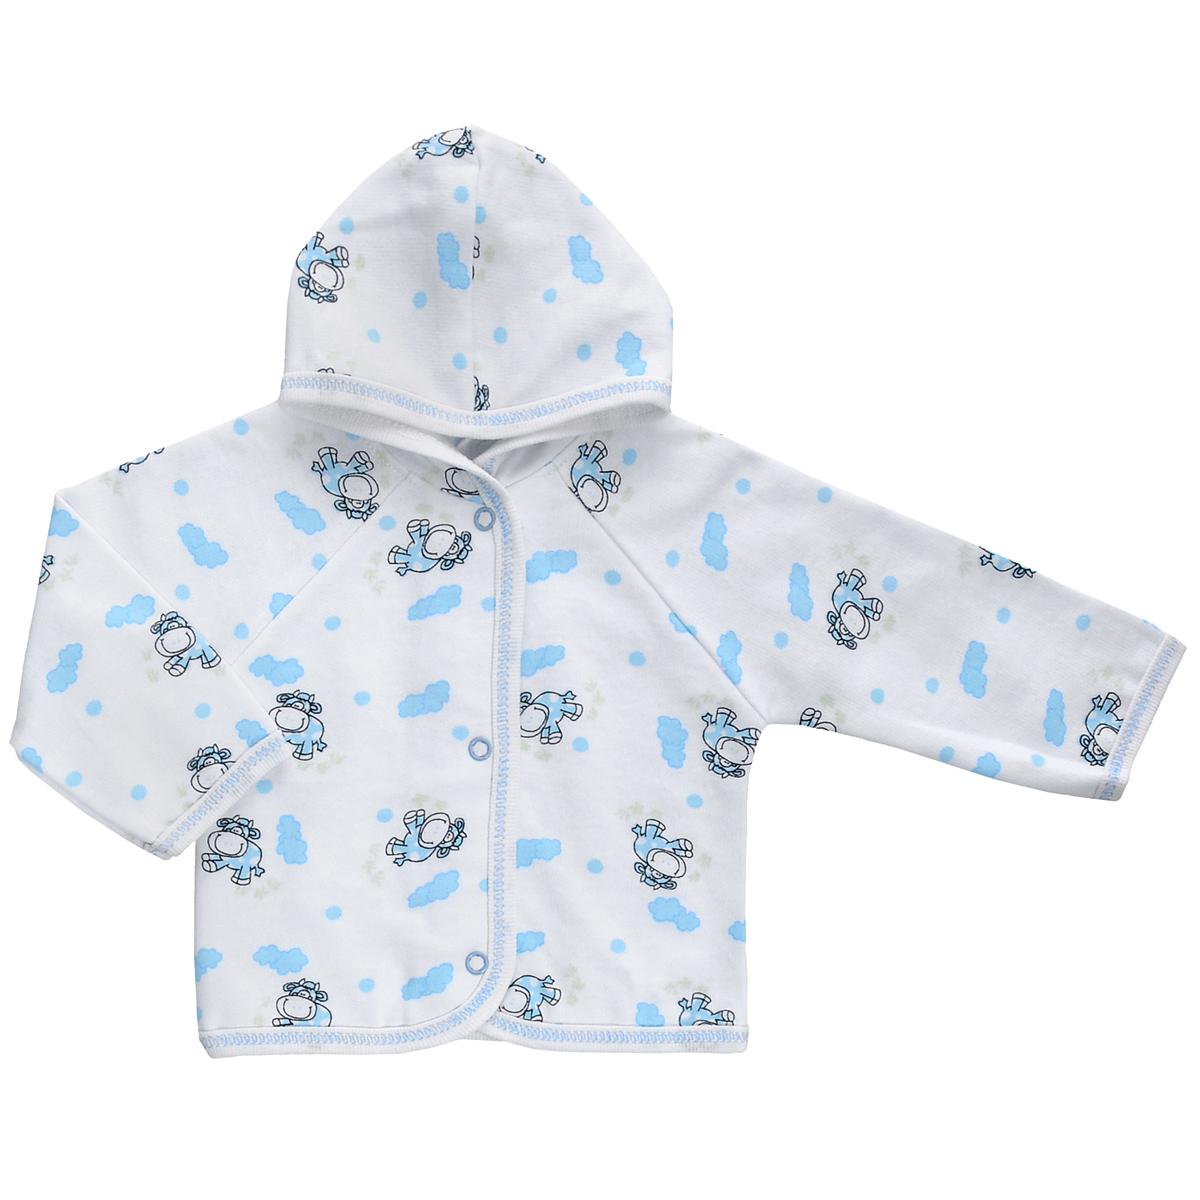 Кофточка детская Трон-плюс, цвет: белый, голубой, рисунок коровы. 5172. Размер 74, 9 месяцев5172Теплая кофточка Трон-плюс идеально подойдет вашему младенцу и станет идеальным дополнением к гардеробу вашего ребенка, обеспечивая ему наибольший комфорт. Изготовленная из футера - натурального хлопка, она необычайно мягкая и легкая, не раздражает нежную кожу ребенка и хорошо вентилируется, а эластичные швы приятны телу малыша и не препятствуют его движениям. Удобные застежки-кнопки по всей длине помогают легко переодеть младенца. Модель с длинными рукавами-реглан дополнена капюшоном. По краям кофточка обработана бейкой и украшена оригинальным принтом.Кофточка полностью соответствует особенностям жизни ребенка в ранний период, не стесняя и не ограничивая его в движениях.